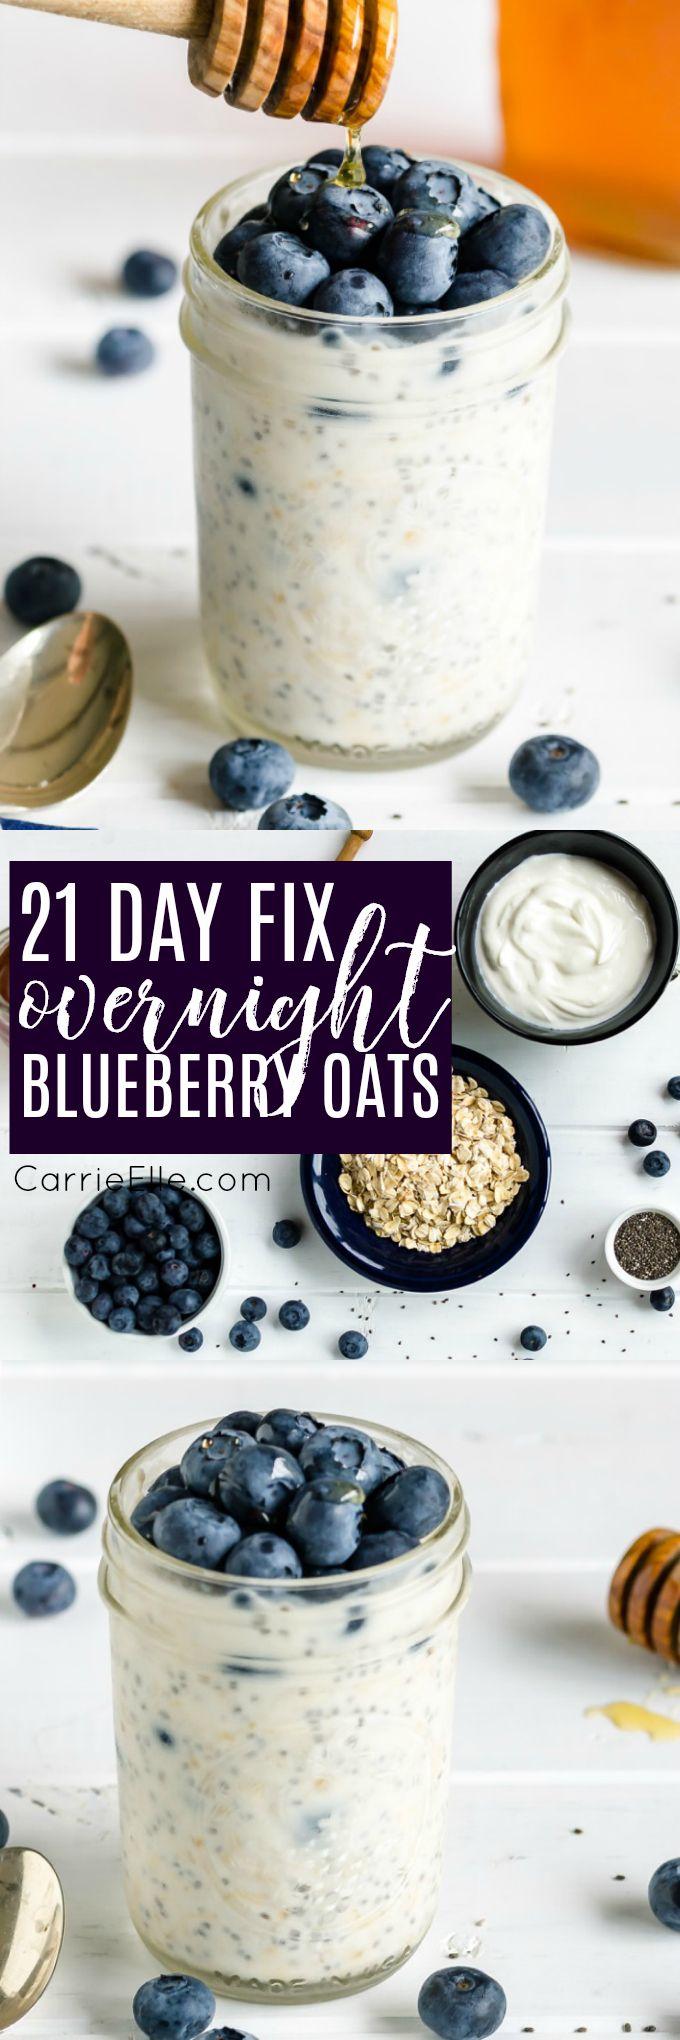 21 Day Fix Blueberry Overnight Oats via @carrieelleblog